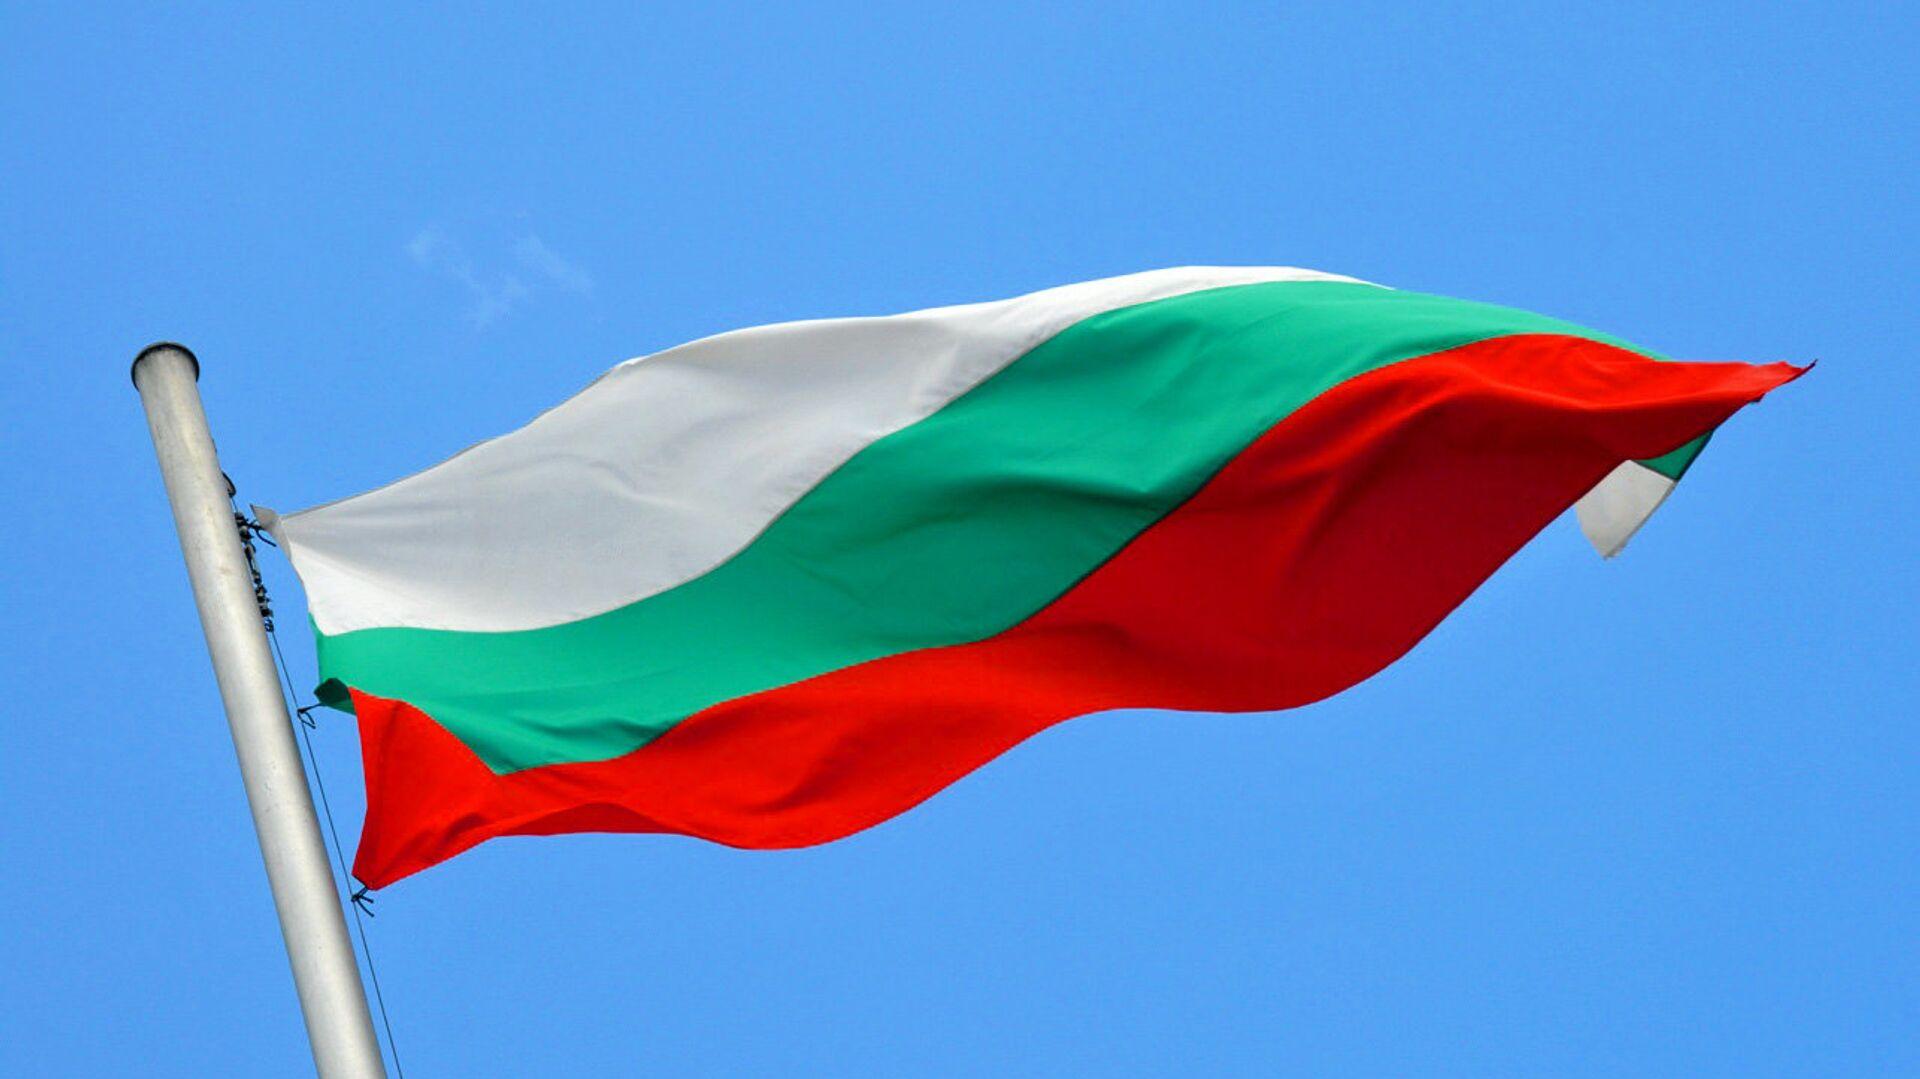 La bandera de Bulgaria - Sputnik Mundo, 1920, 26.03.2021